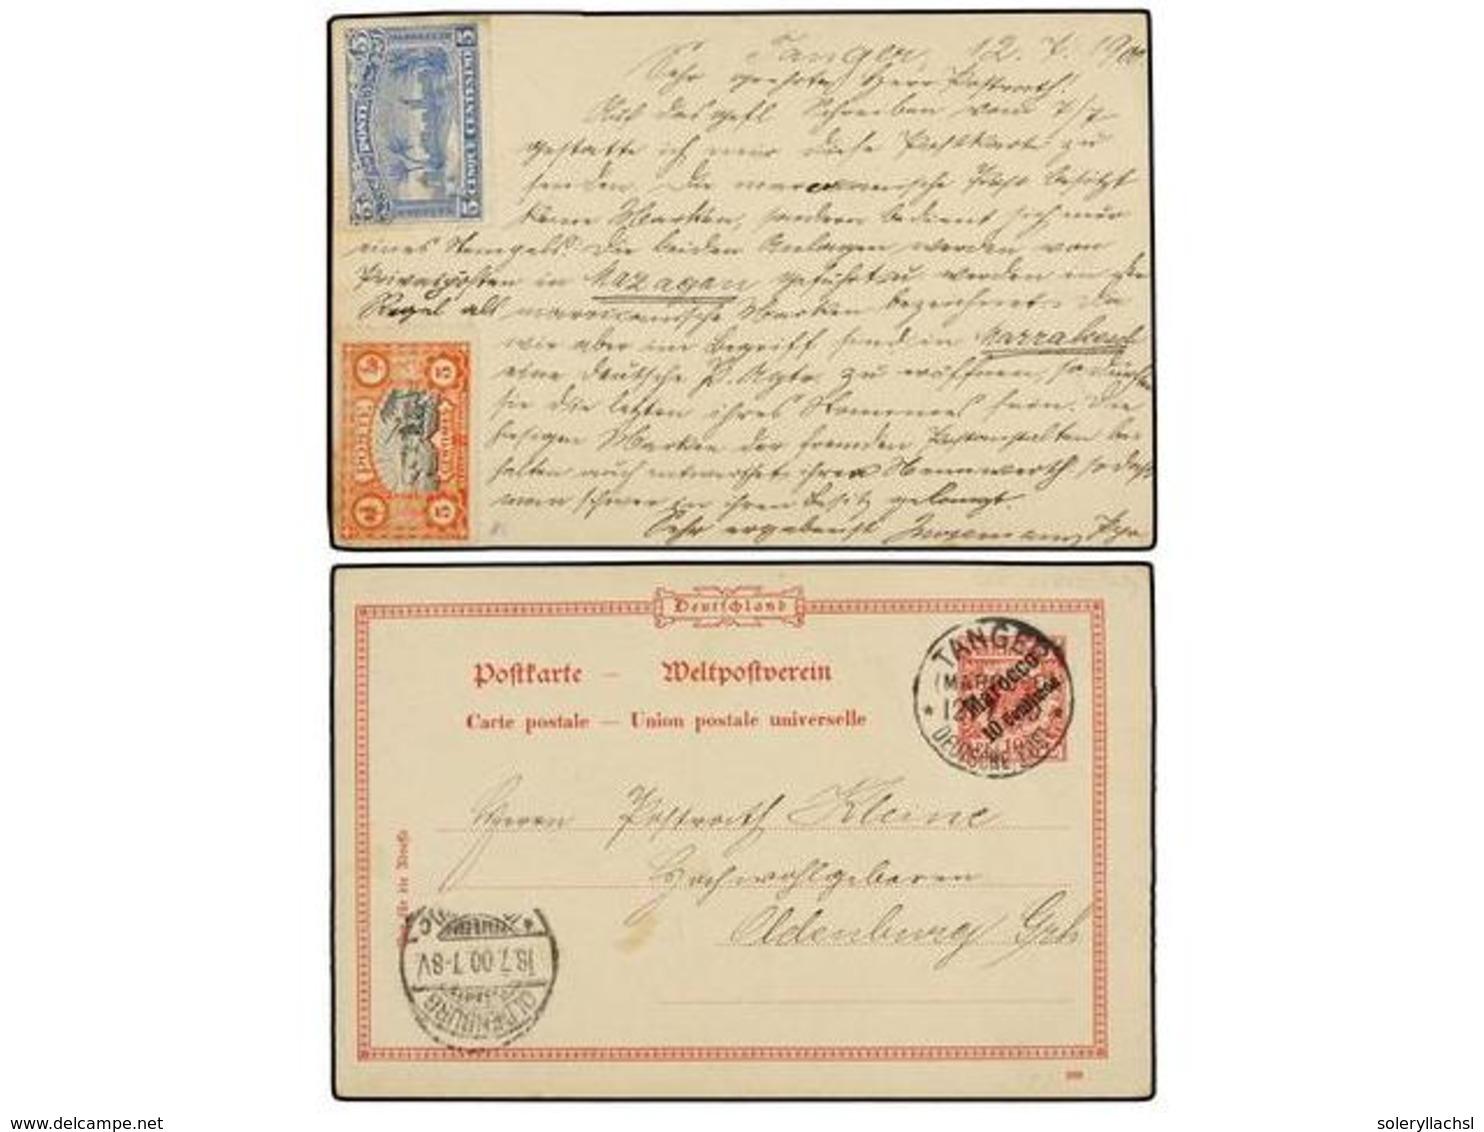 MARRUECOS: CORREO LOCAL. 1900. TANGER A OLDEMBURG (Alemania). Entero Postal De 10 Cts. S. 10 Pf. Al Dorso Sellos De Los  - Unclassified